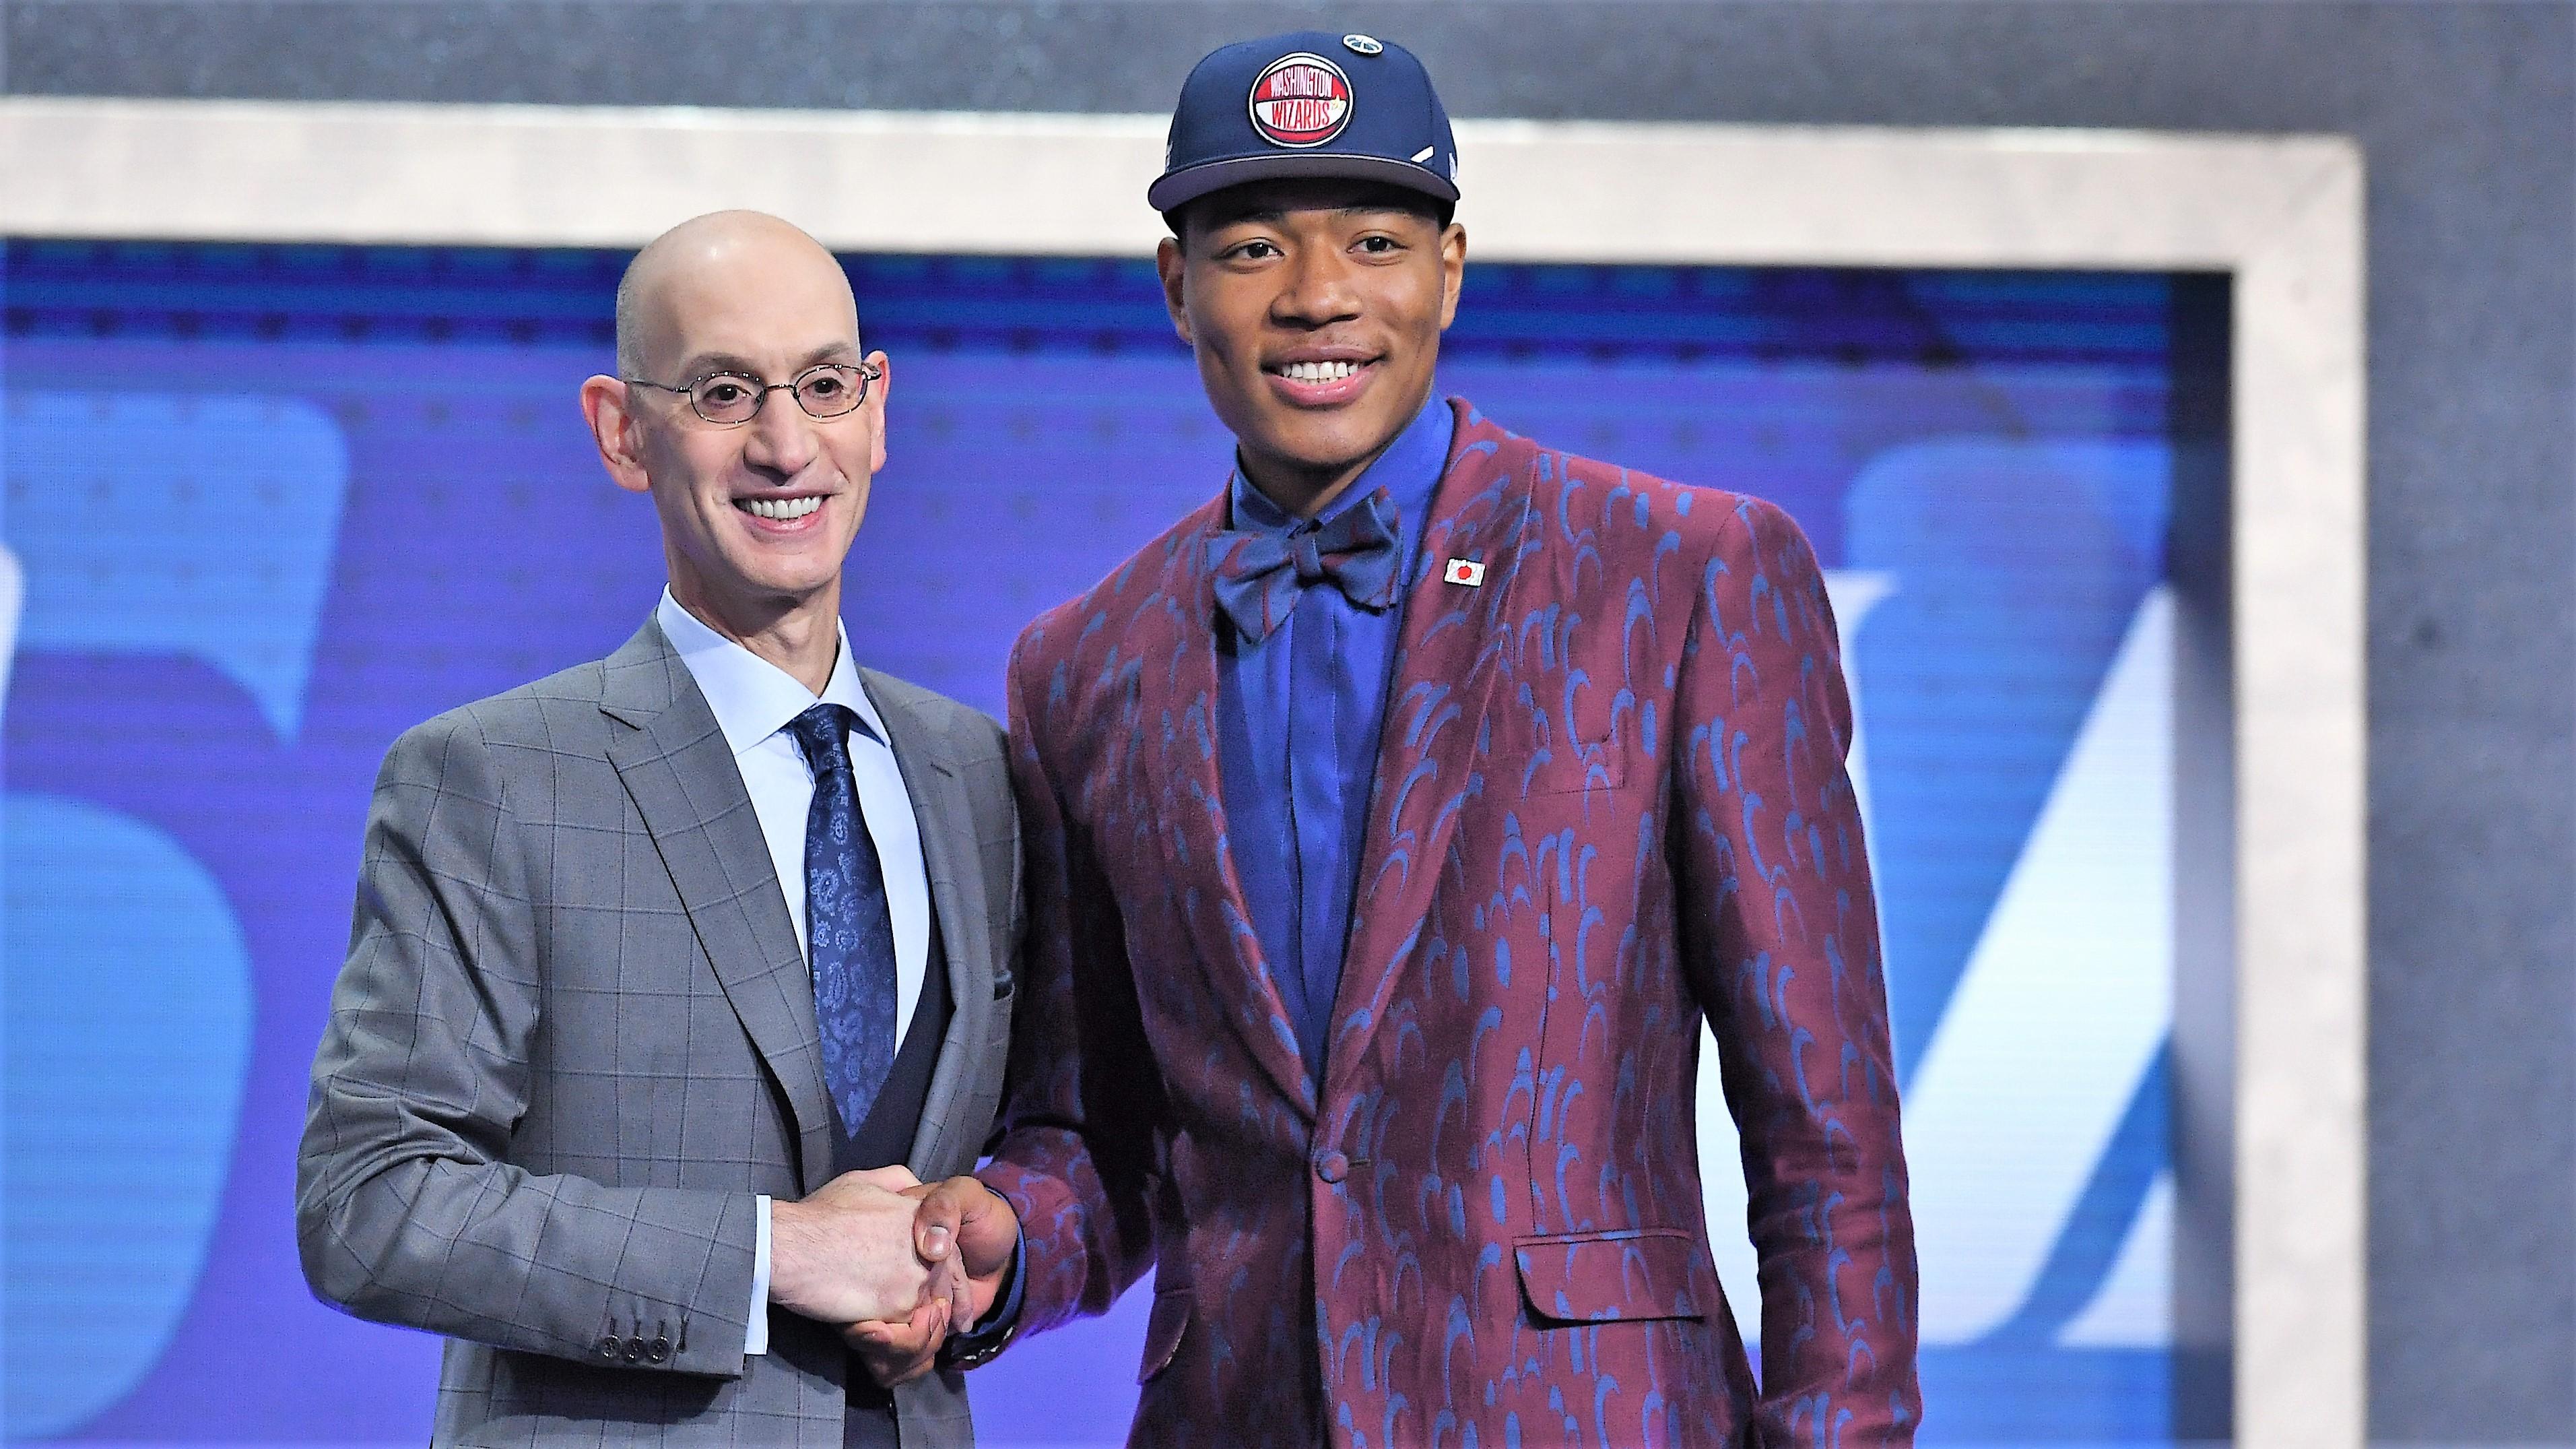 八村塁 Rui Hachimura selected Wahington Wizards at NBA Draft 2019